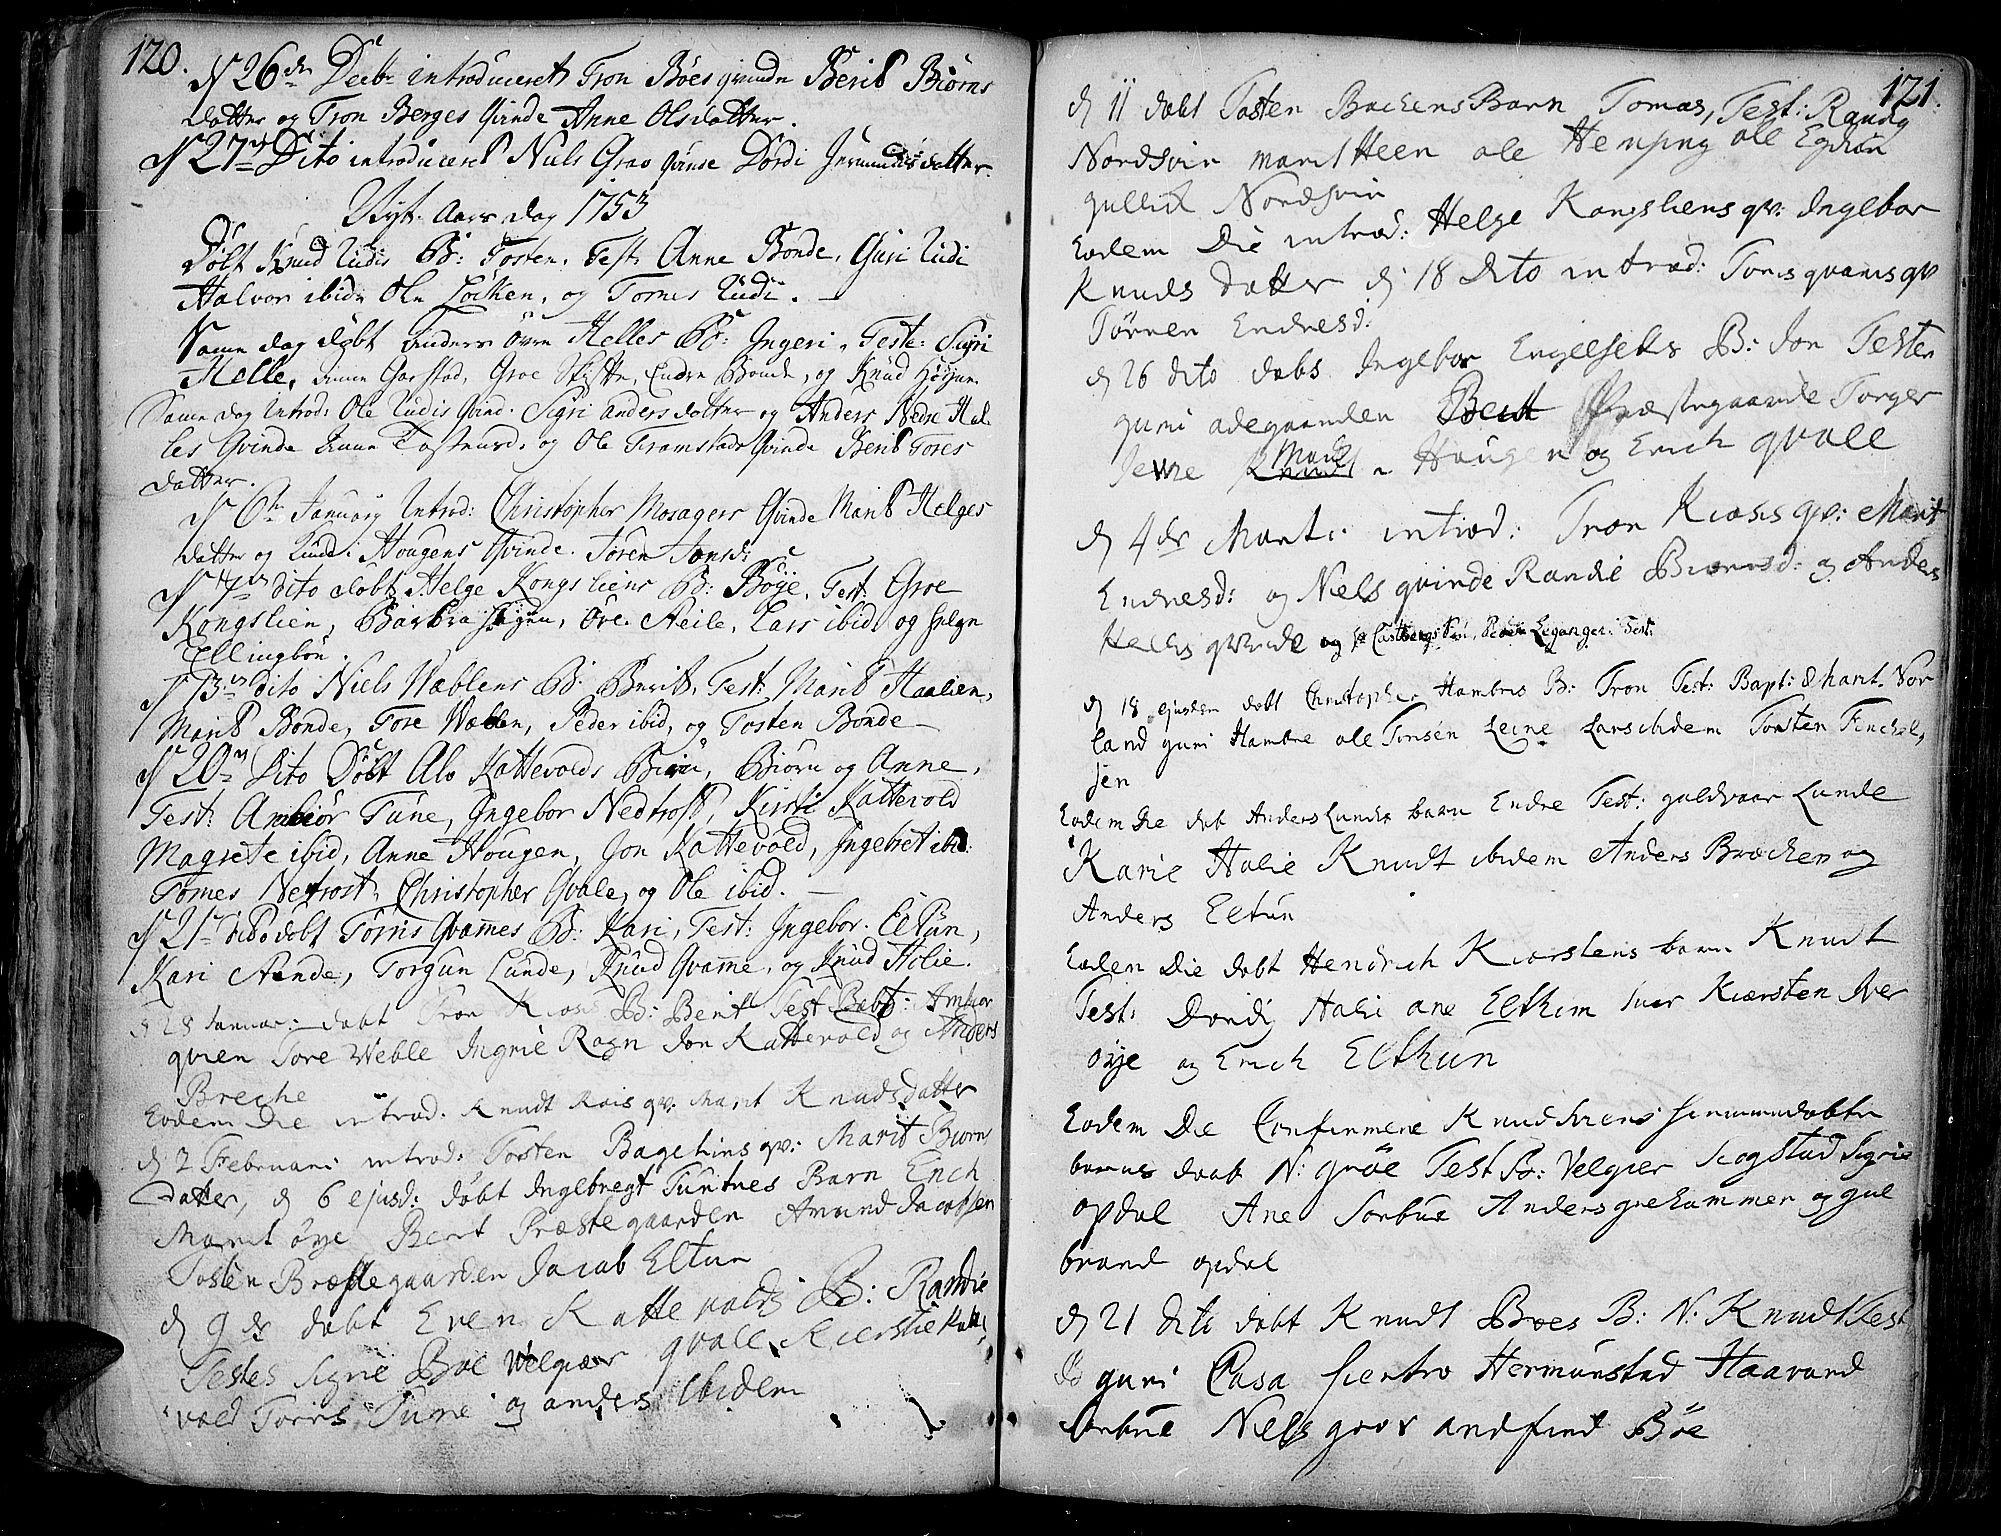 SAH, Vang prestekontor, Valdres, Ministerialbok nr. 1, 1730-1796, s. 120-121